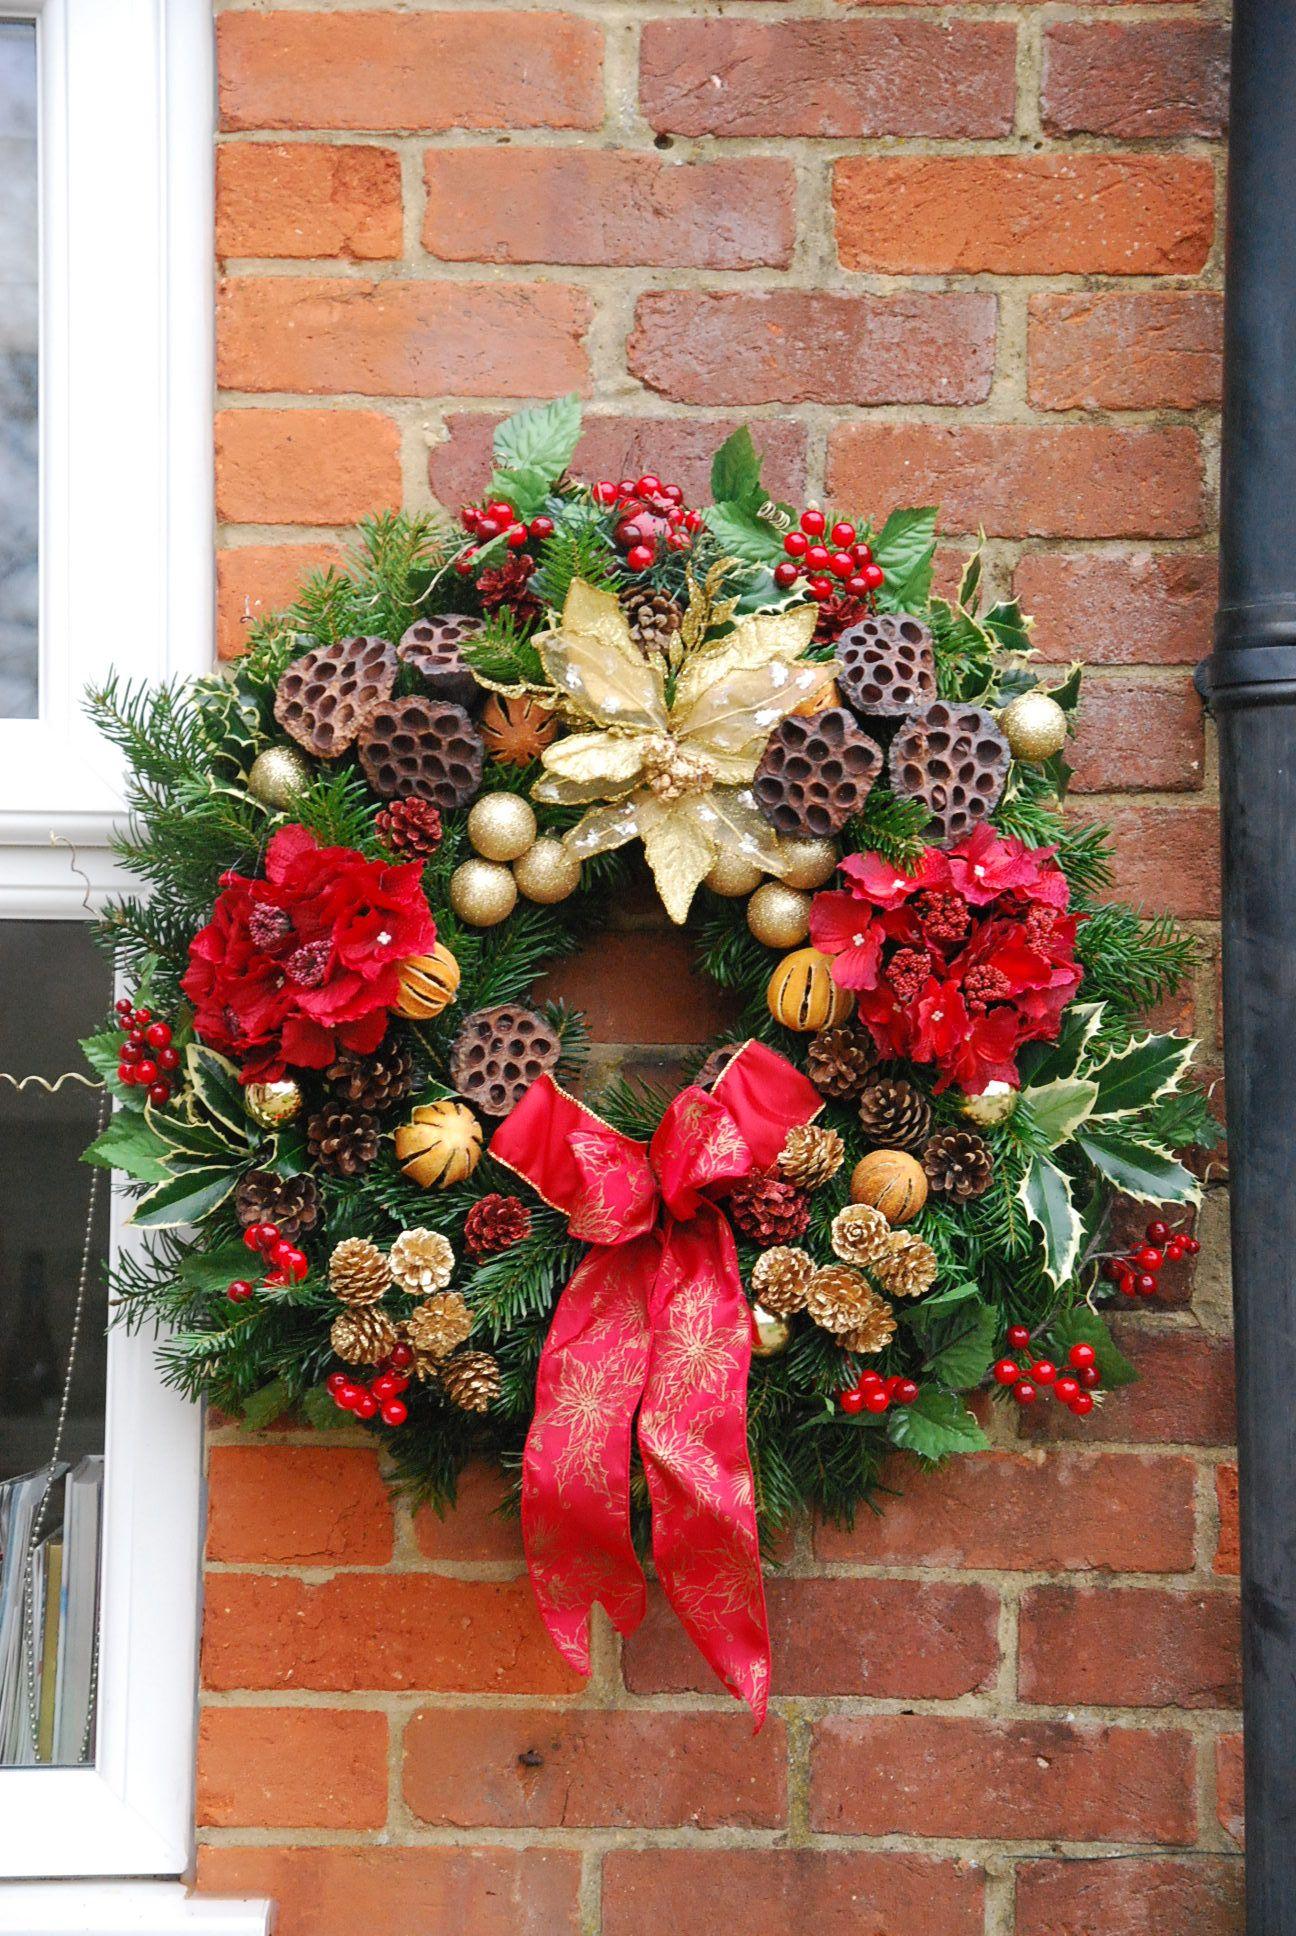 My Christmas Wreath 2012